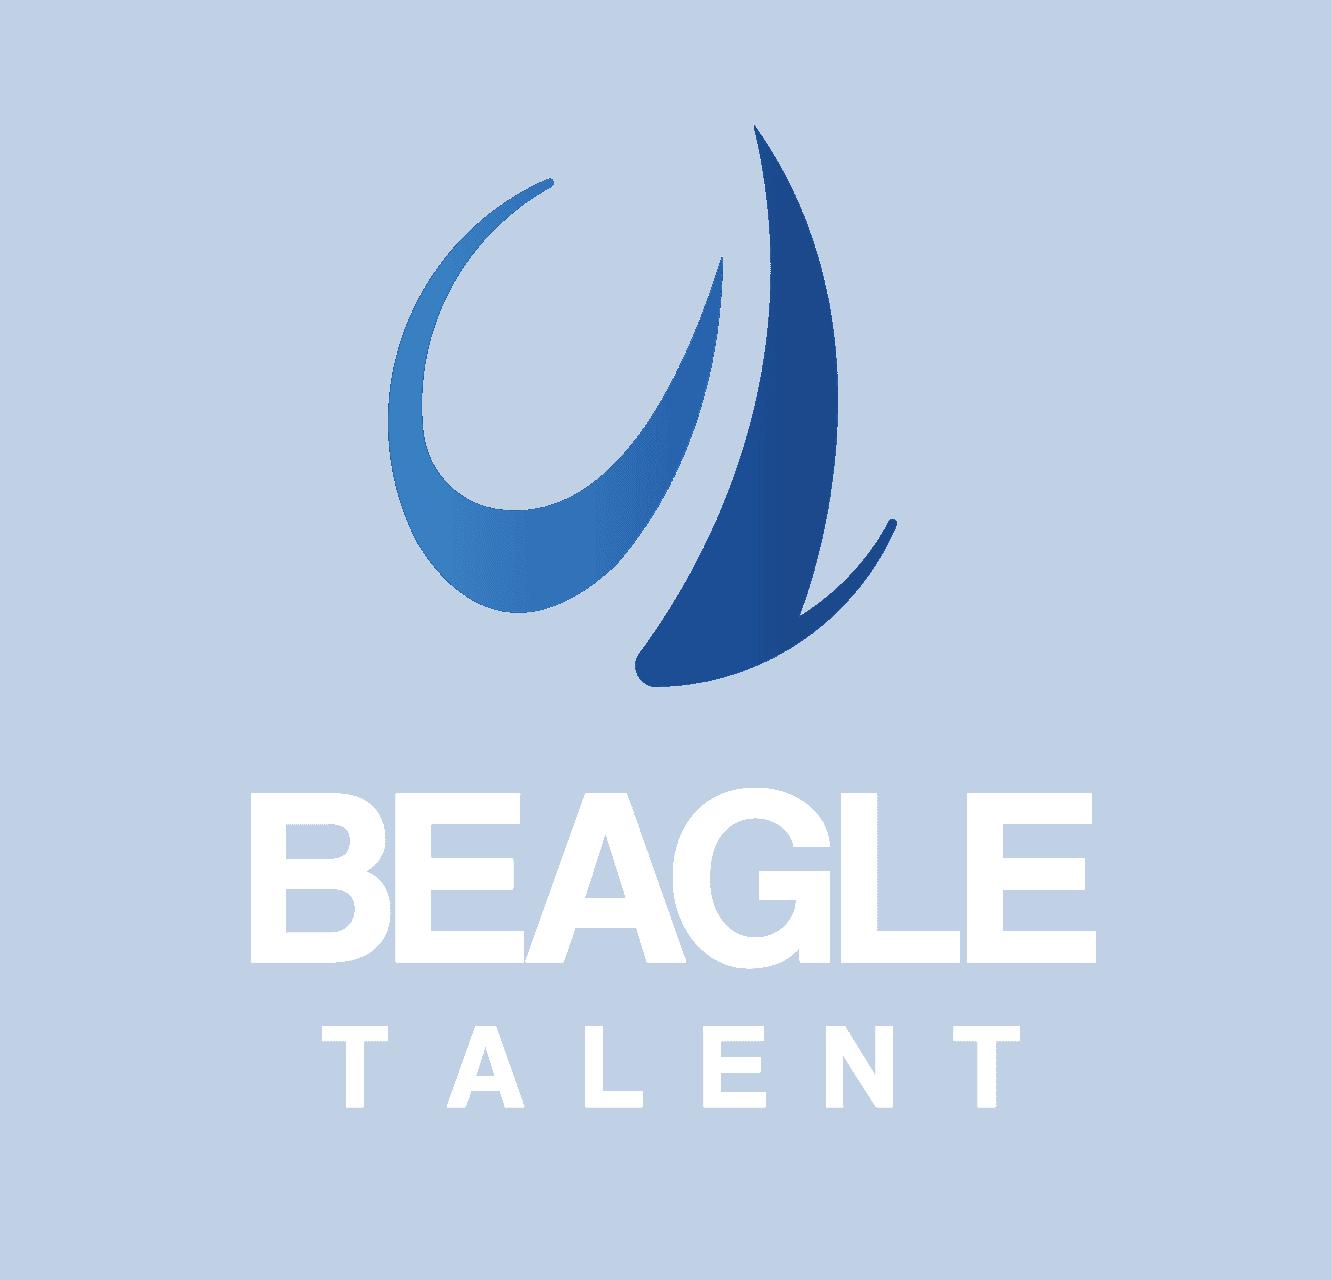 Beagle Talent